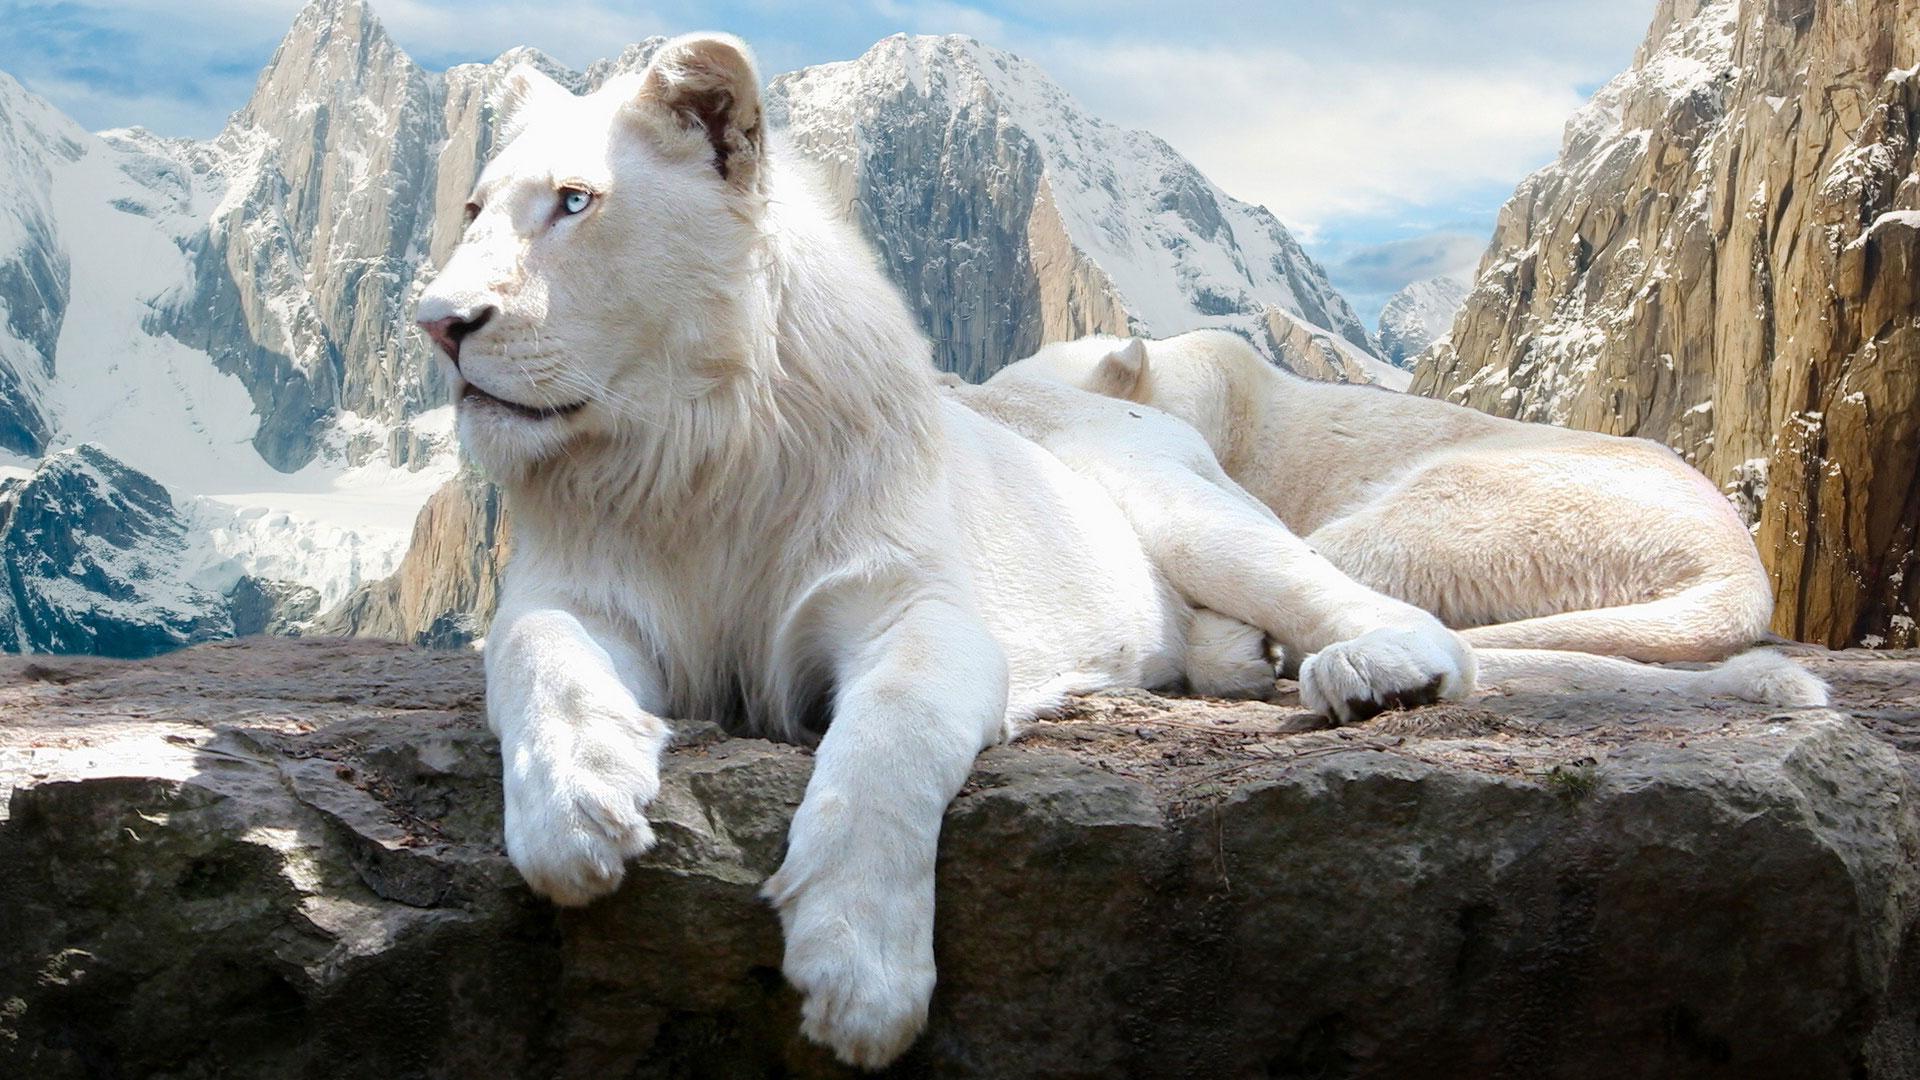 Обои король лев для рабочего стола